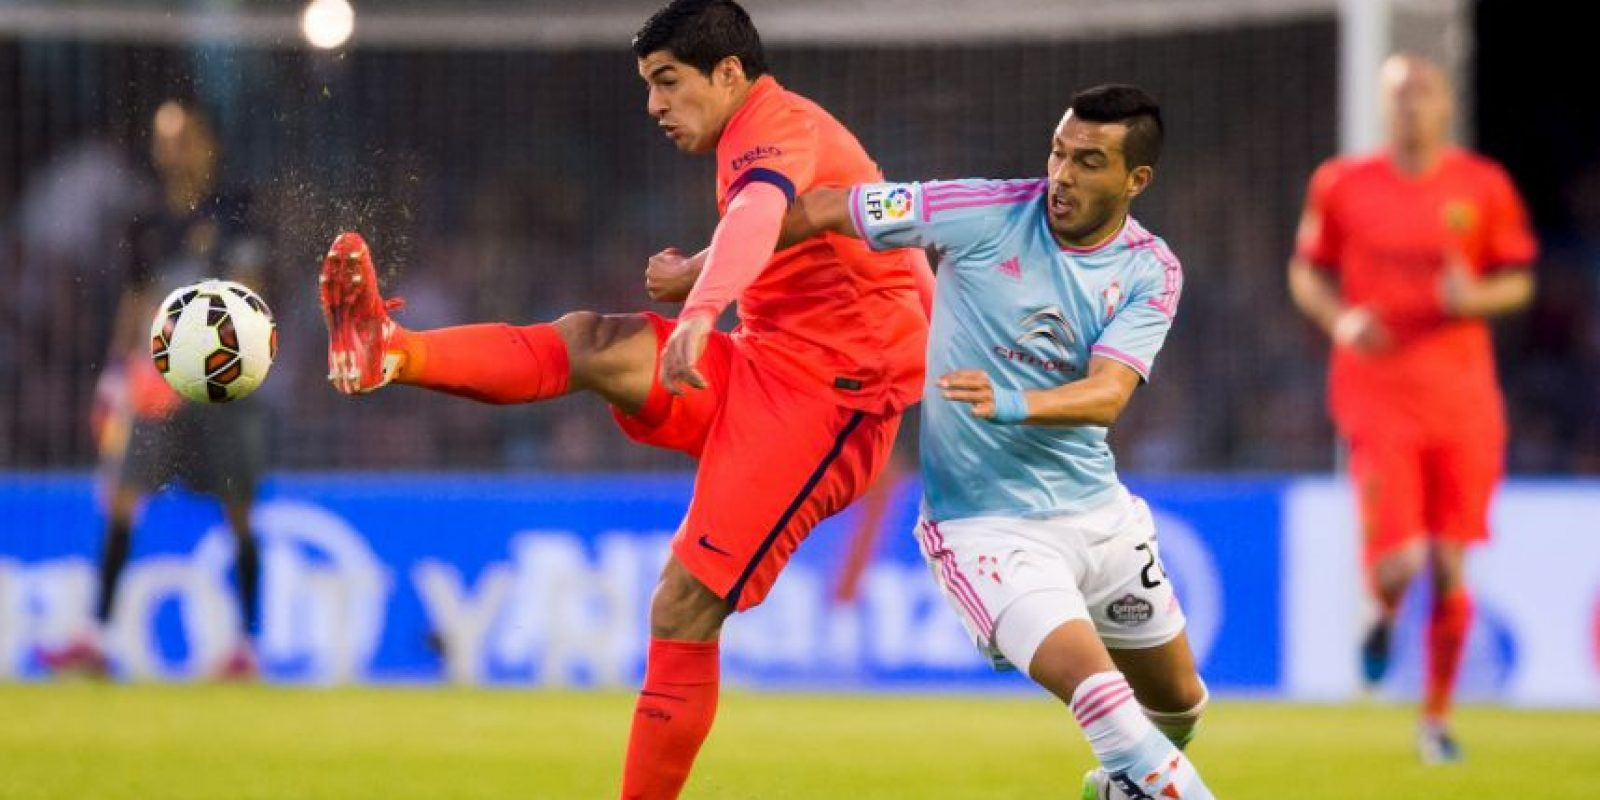 Barcelona sufrió en su visita al Celta de Vigo. Foto:Getty Images